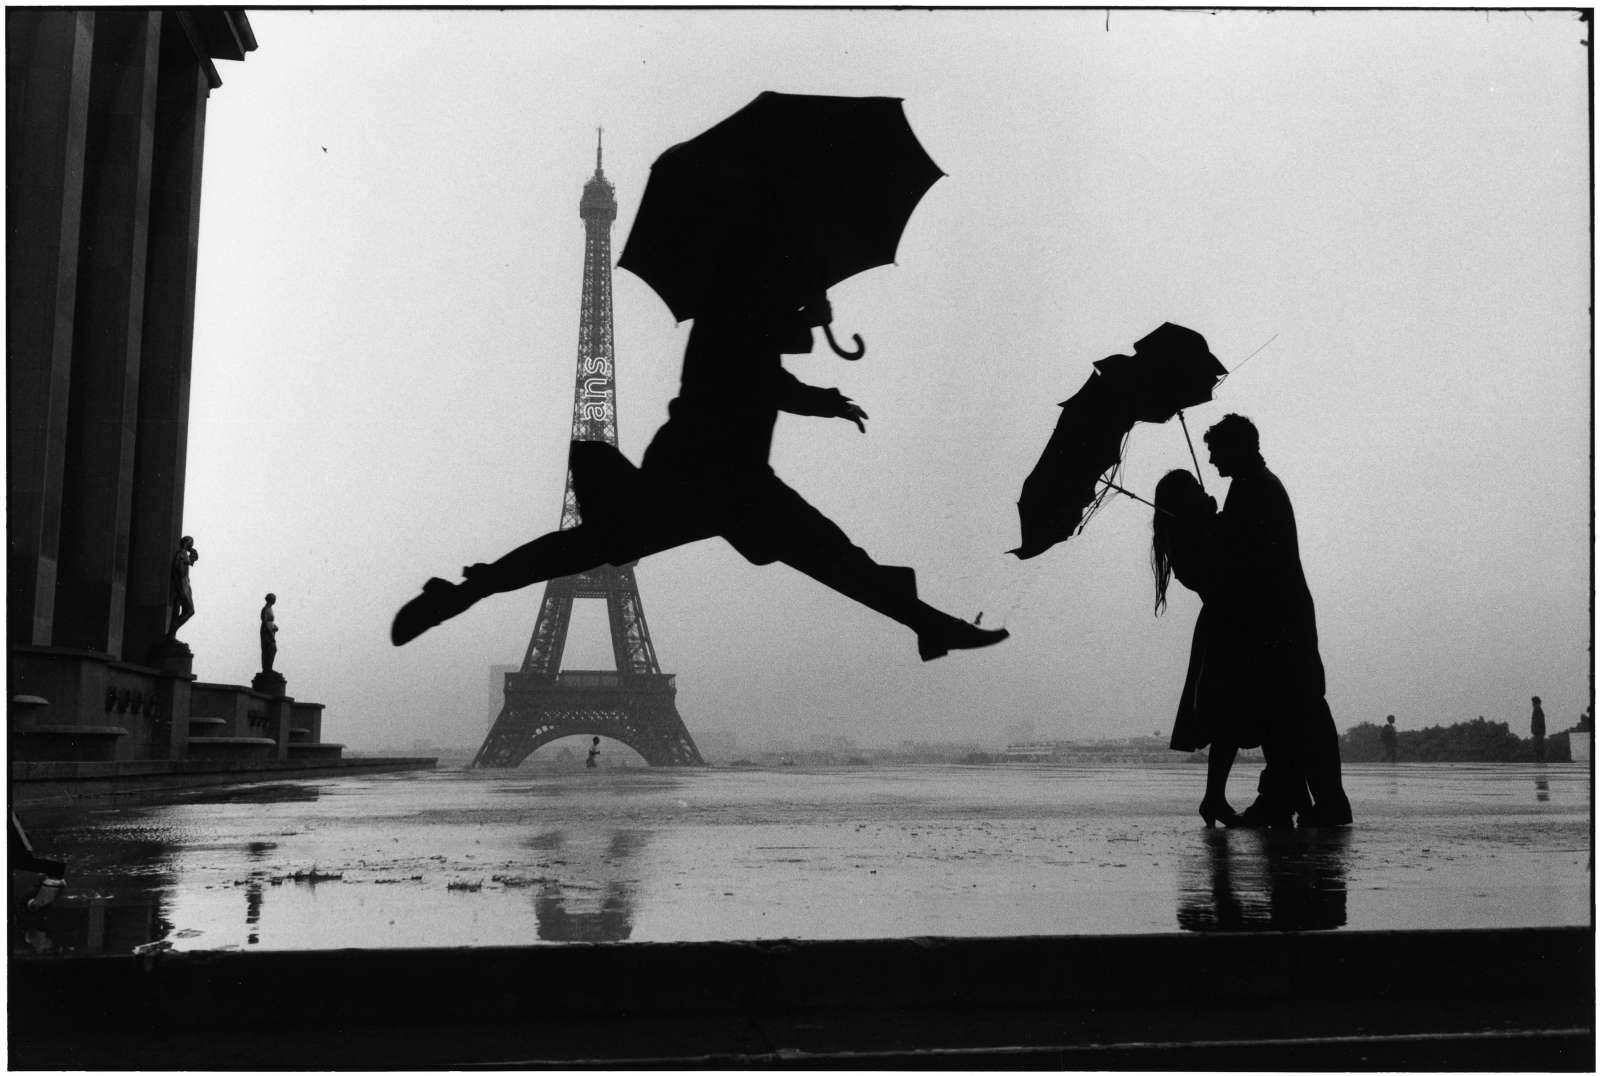 Elliott Erwitt, Paris, (Man Jumping), 1989